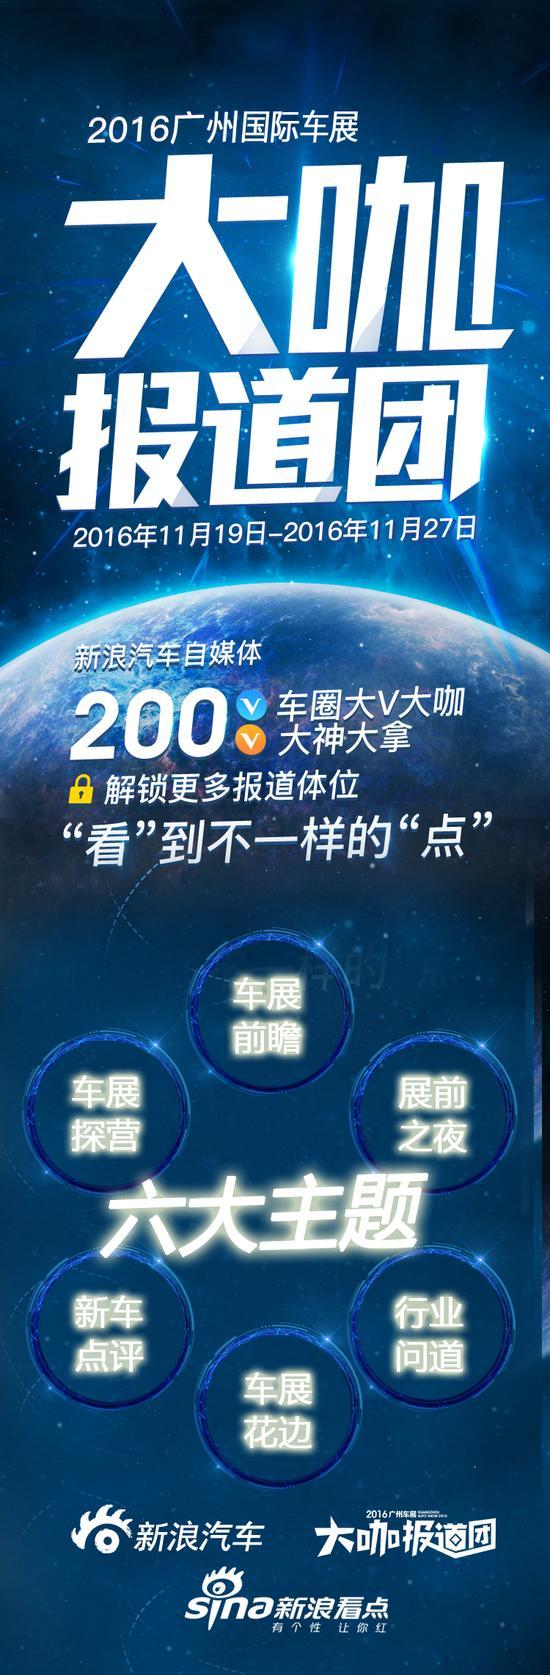 广州国际车展来临 你能做点什么?